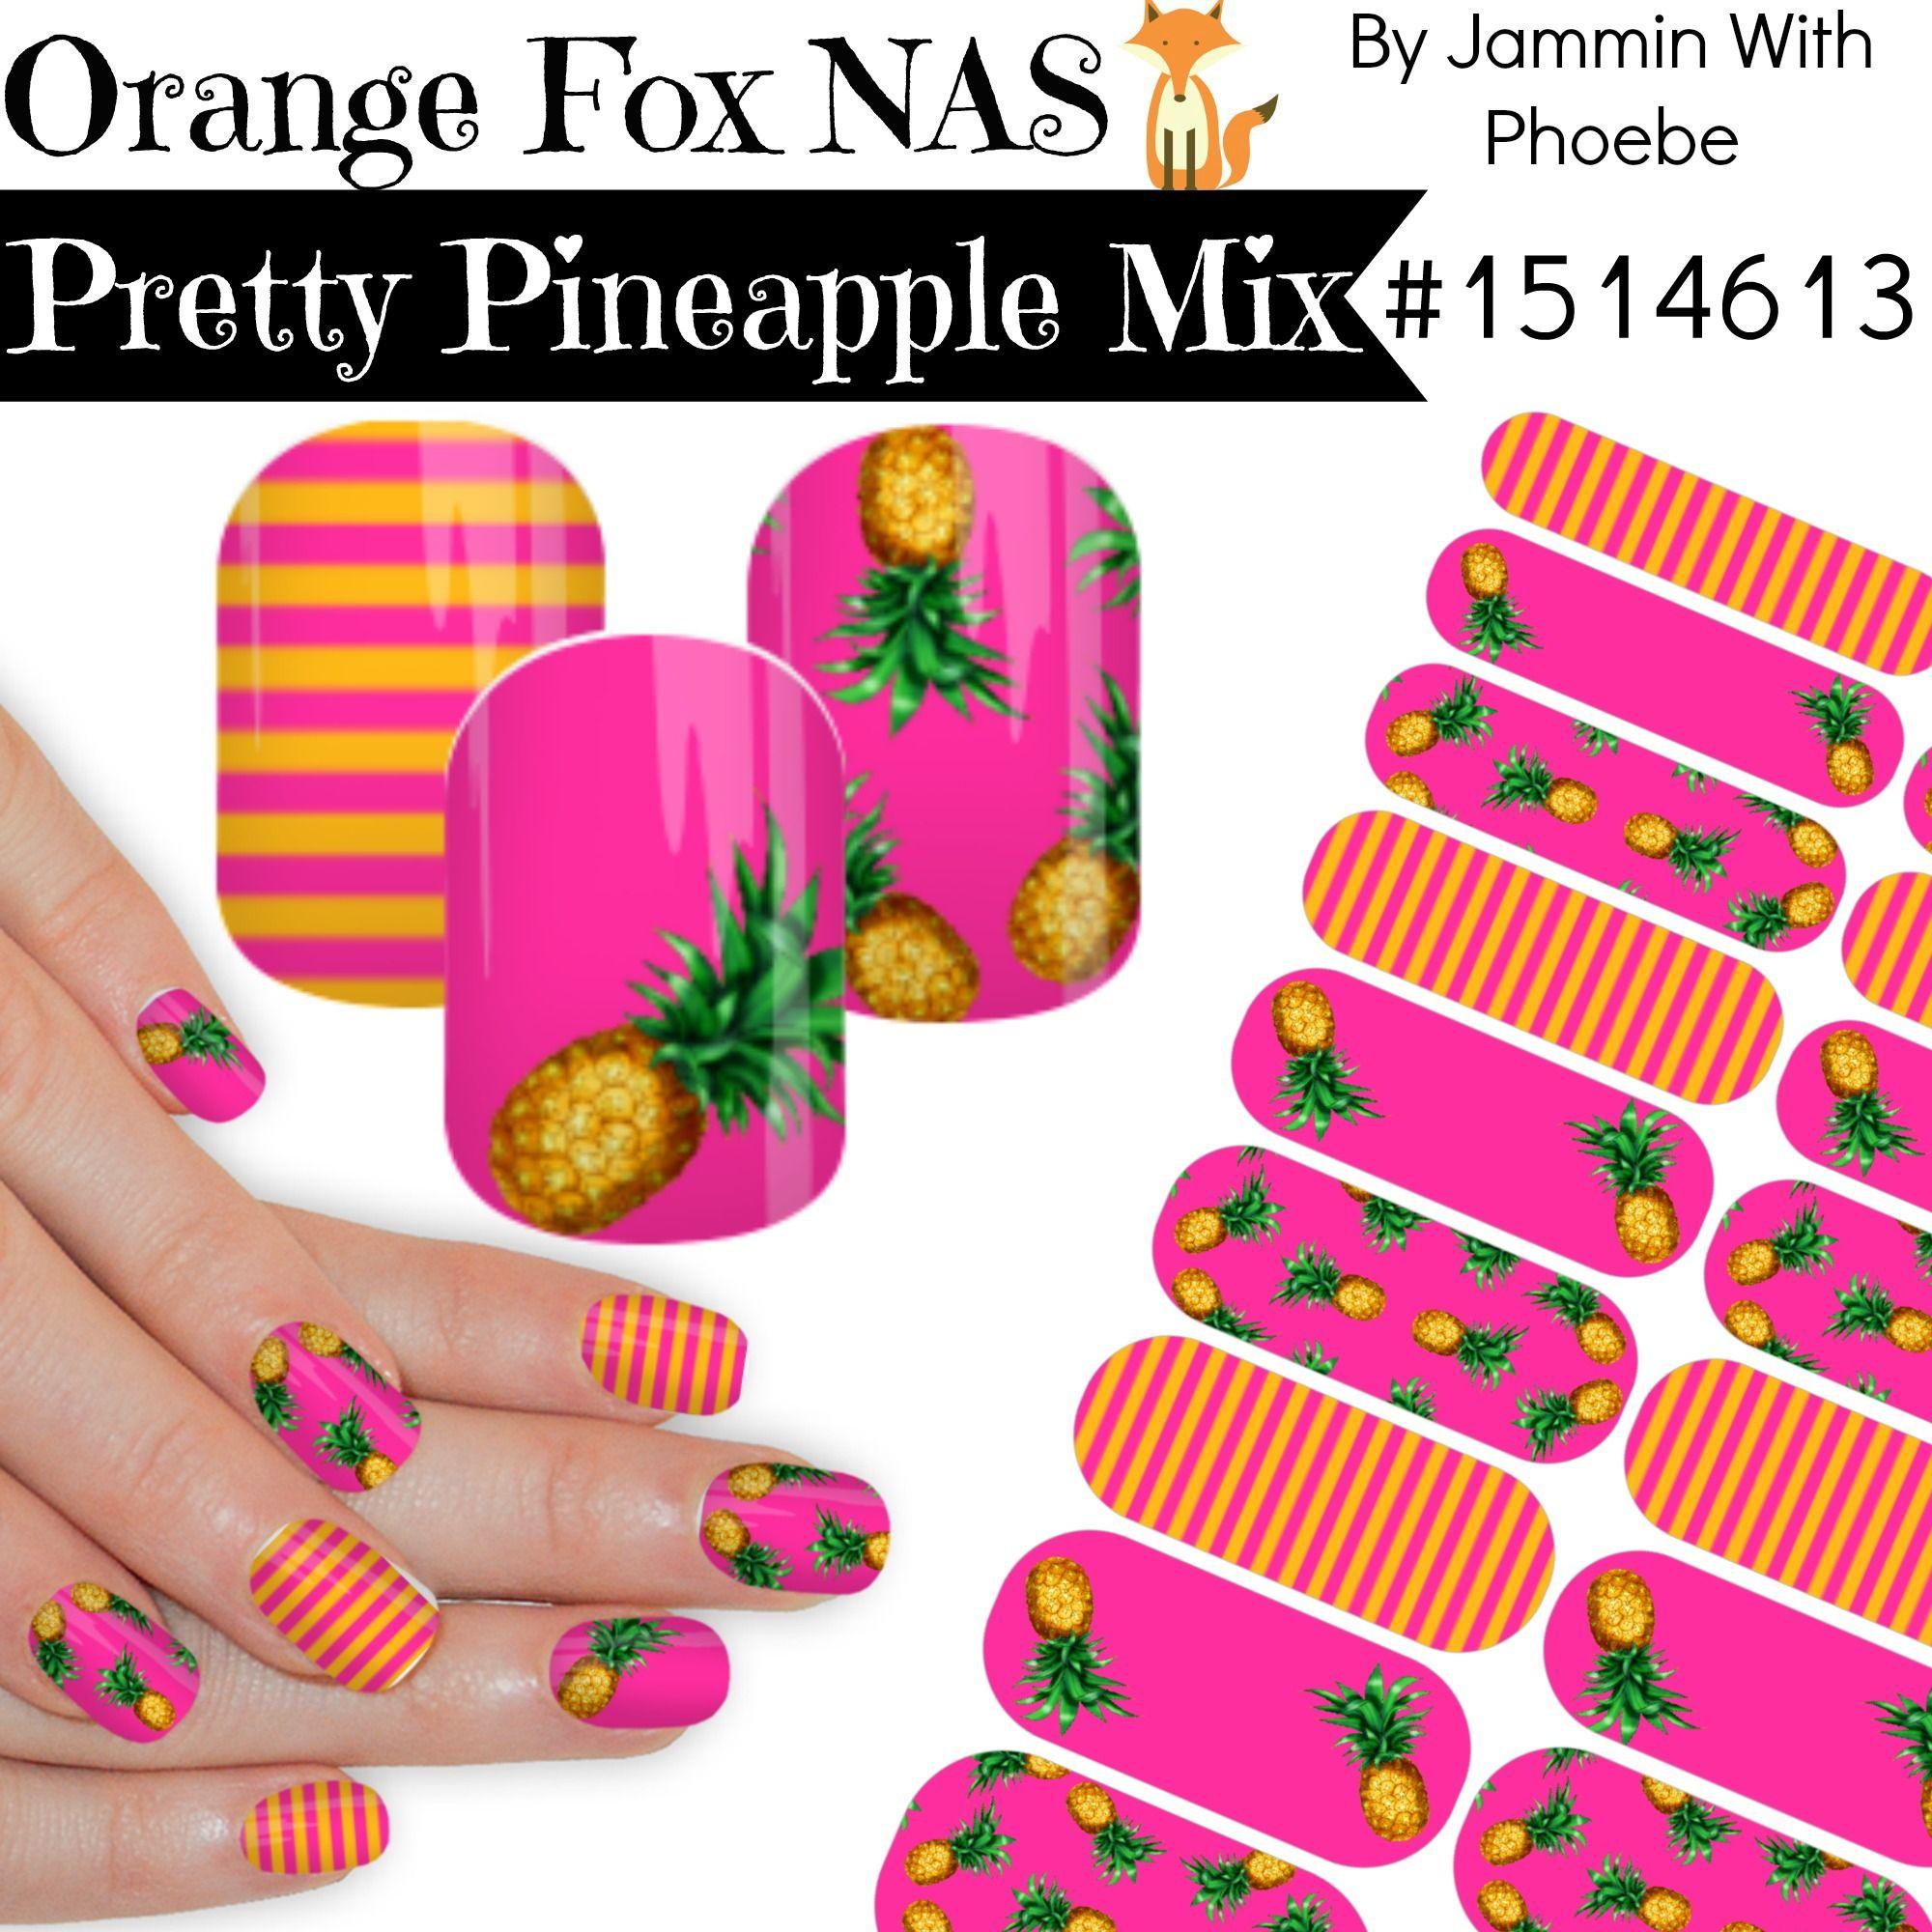 Pinapple Nail Wraps - Jamberry NAS Nail art Studio. Hot Pink and Pineapples #pineapple #nailart #jamberry